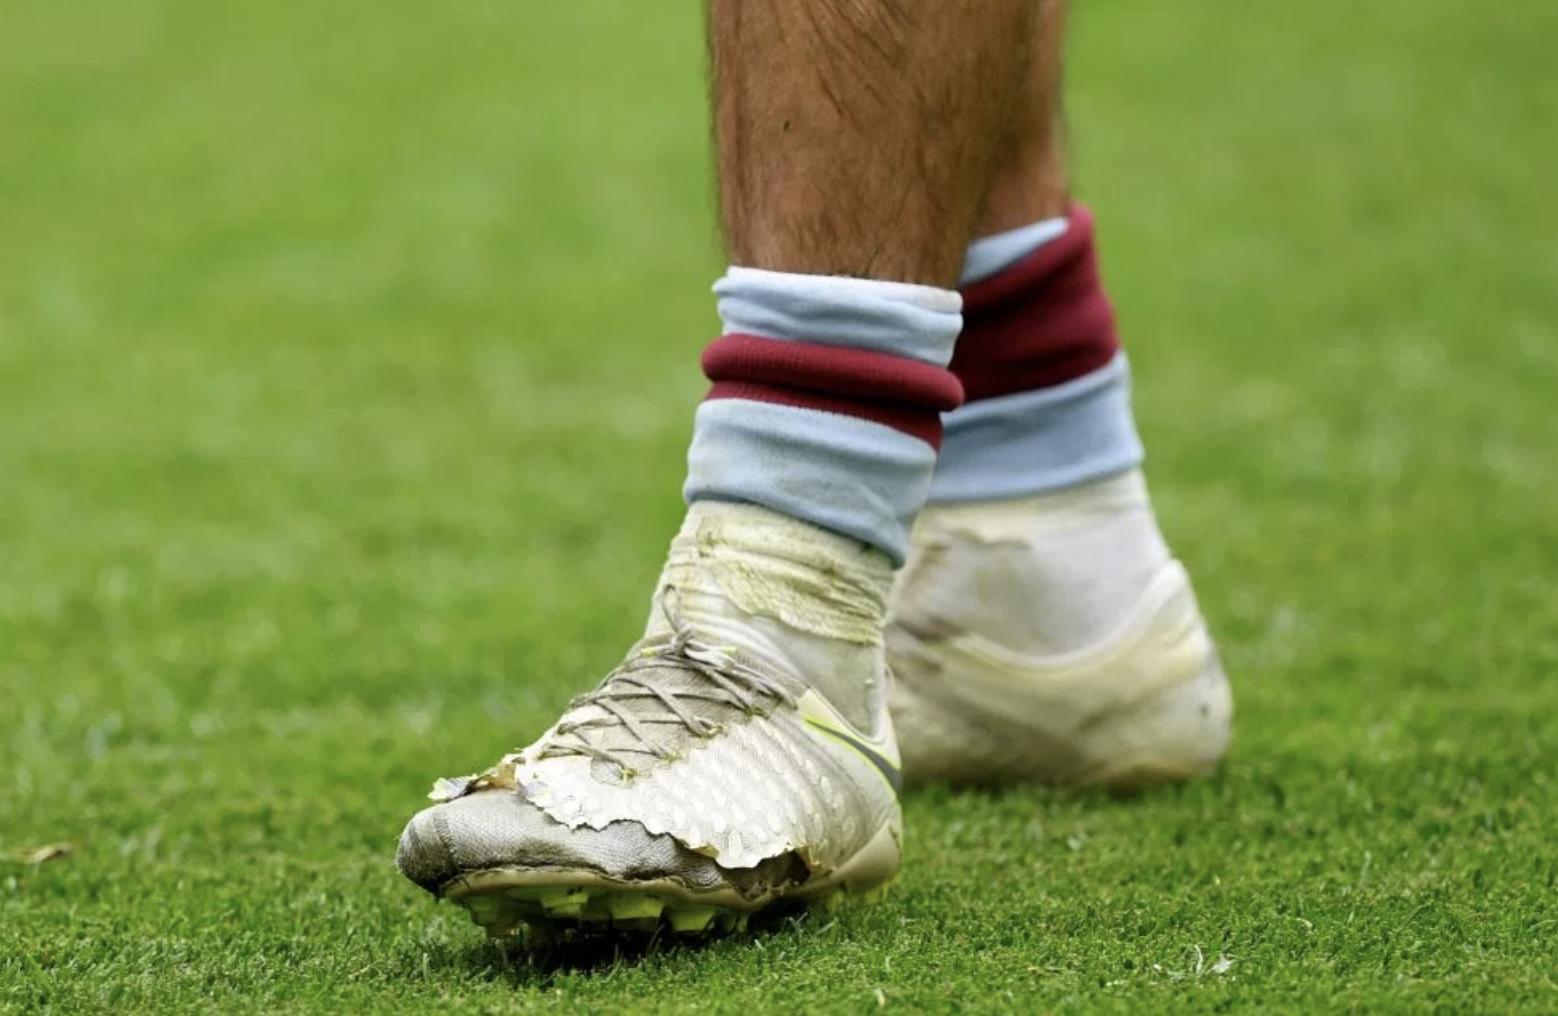 利什:能带来进球和助攻的幸运鞋, 破了也要穿